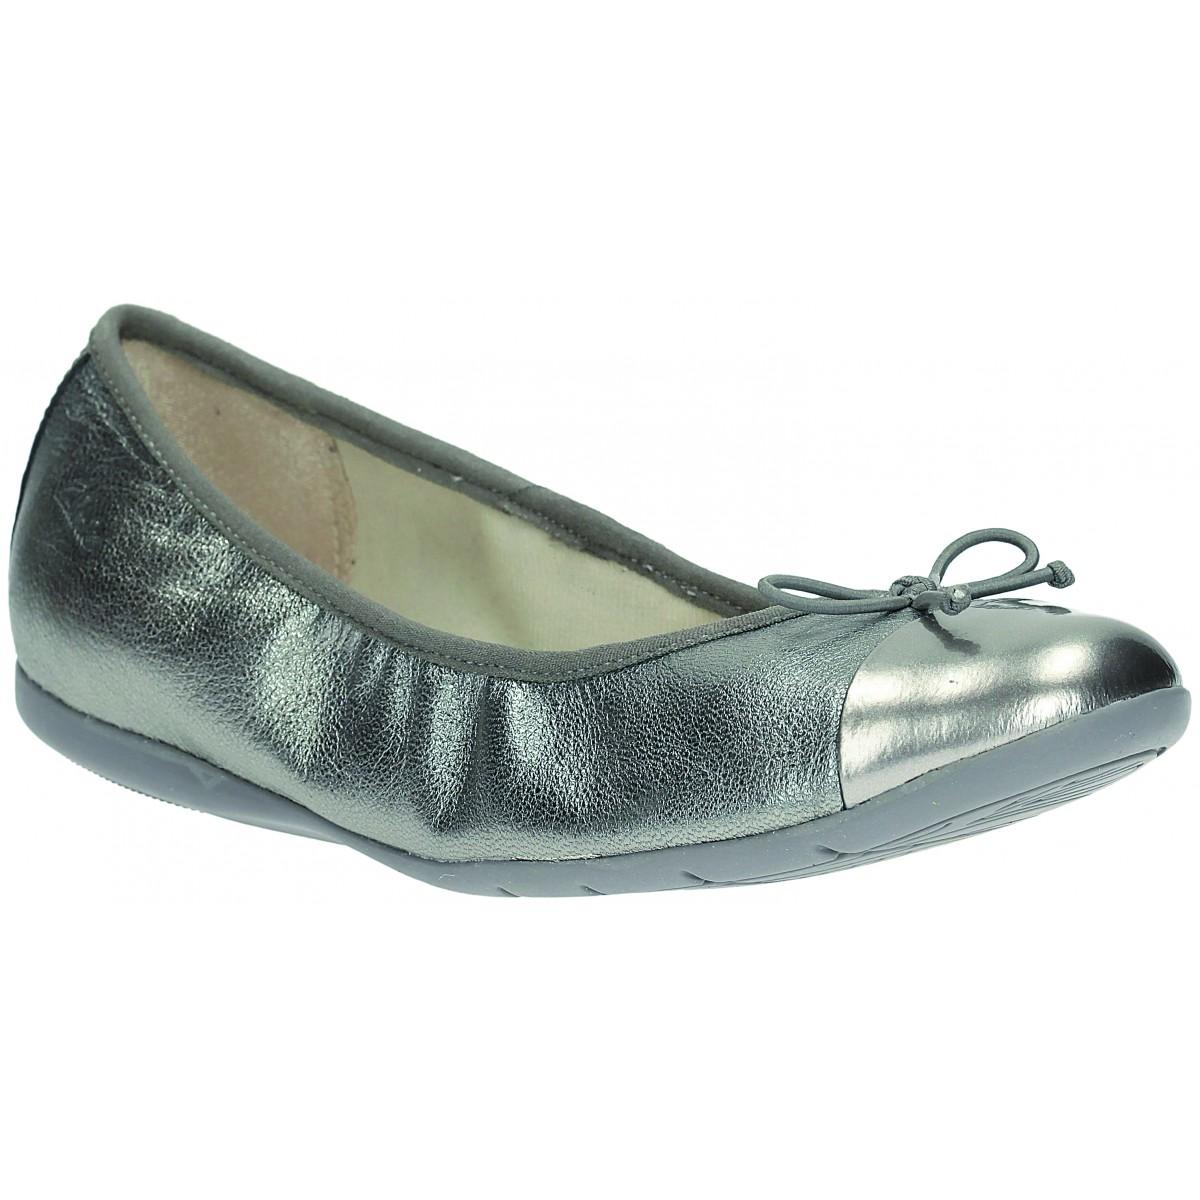 Clarks Dance Puff Lp Sil All Dress Shoes Dress